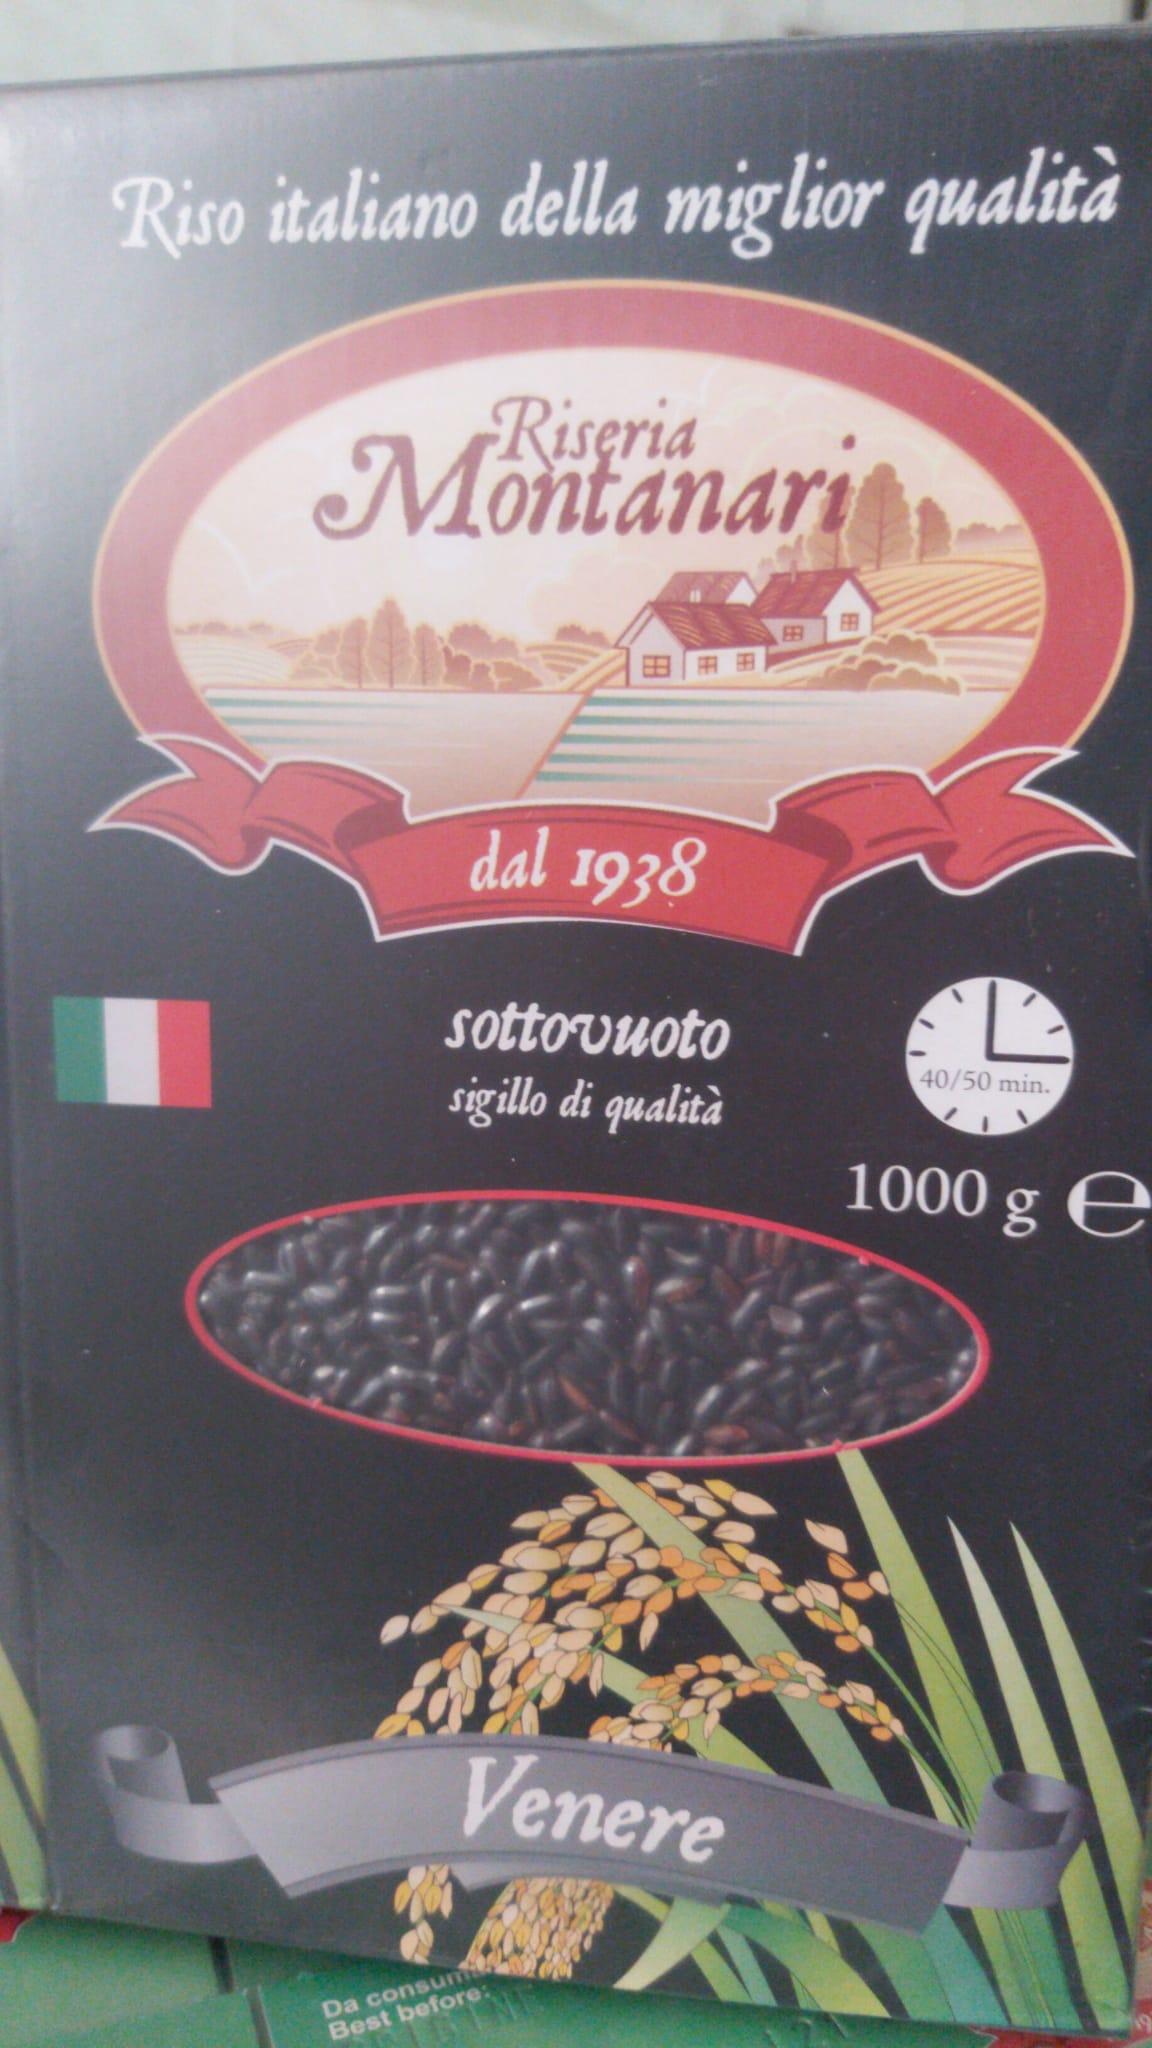 riso italiano della miglore qualità VENERE